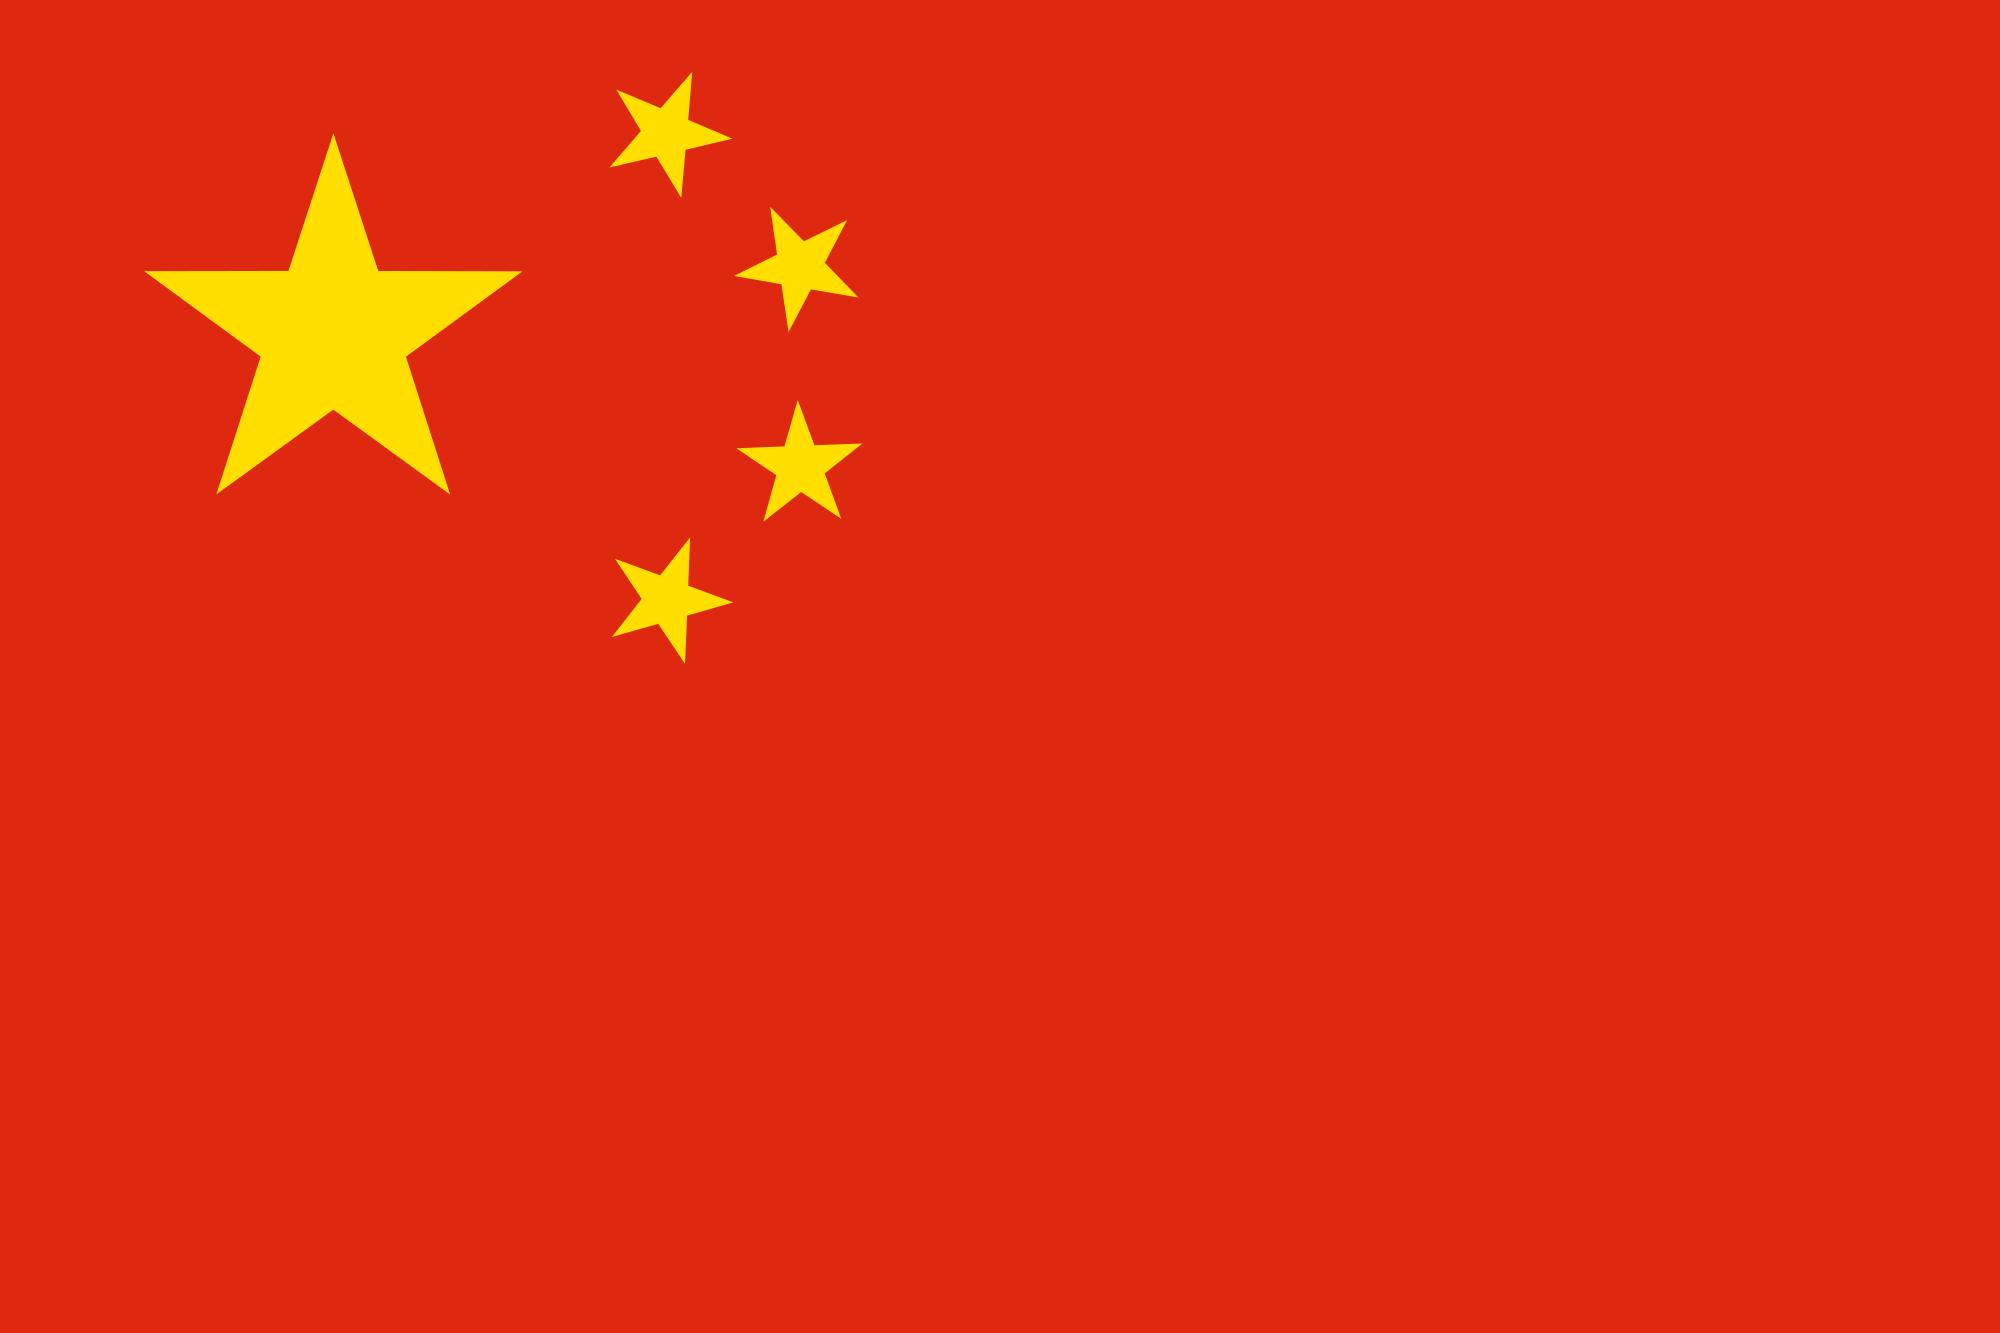 China PNG - 8408